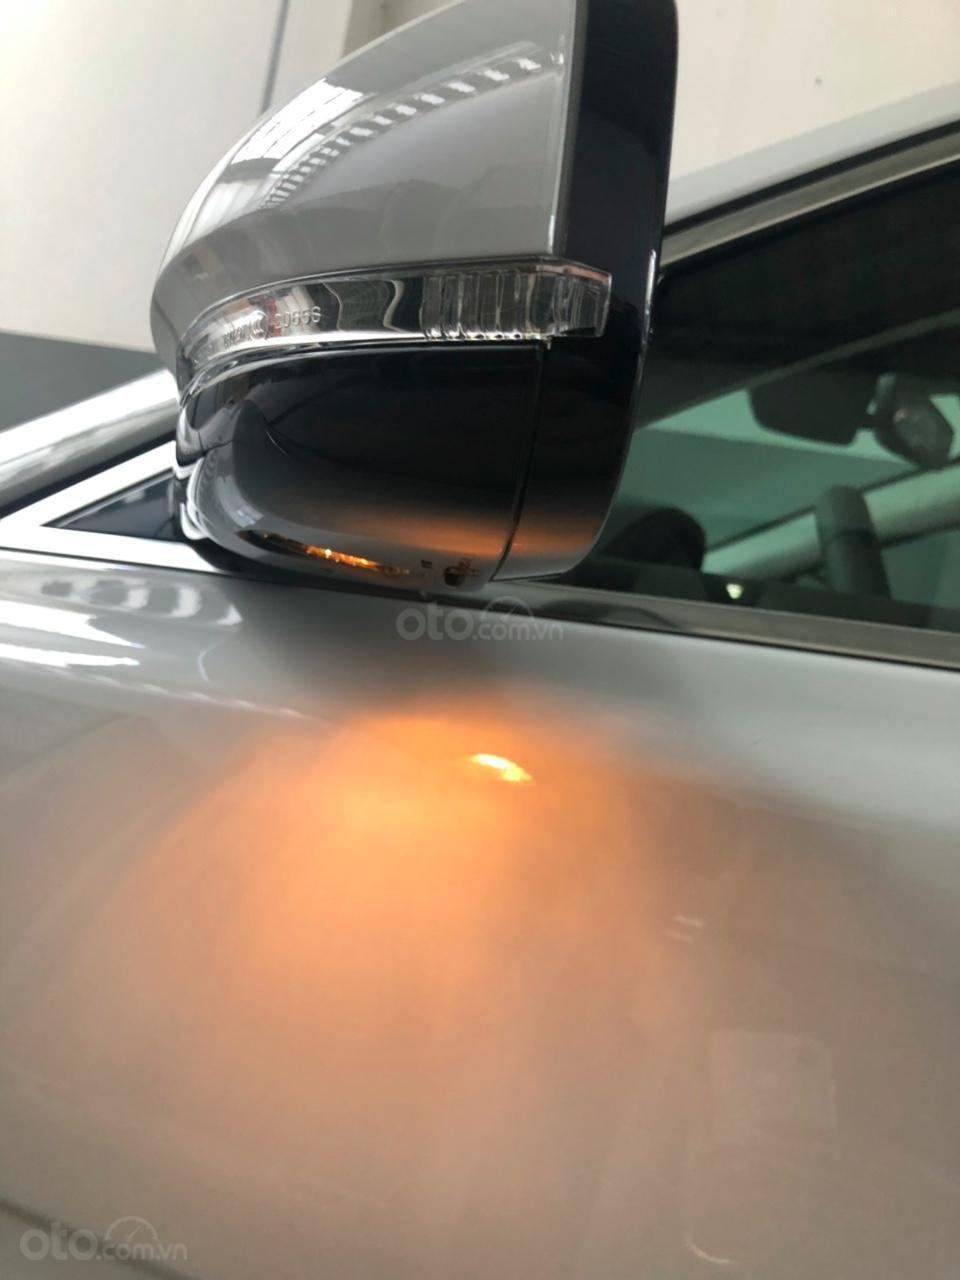 Bán giá xe Jaguar XF Prestige sản xuất 2018, giá 2019 màu trắng, màu đỏ, đen giao xe ngay 0932222253-1